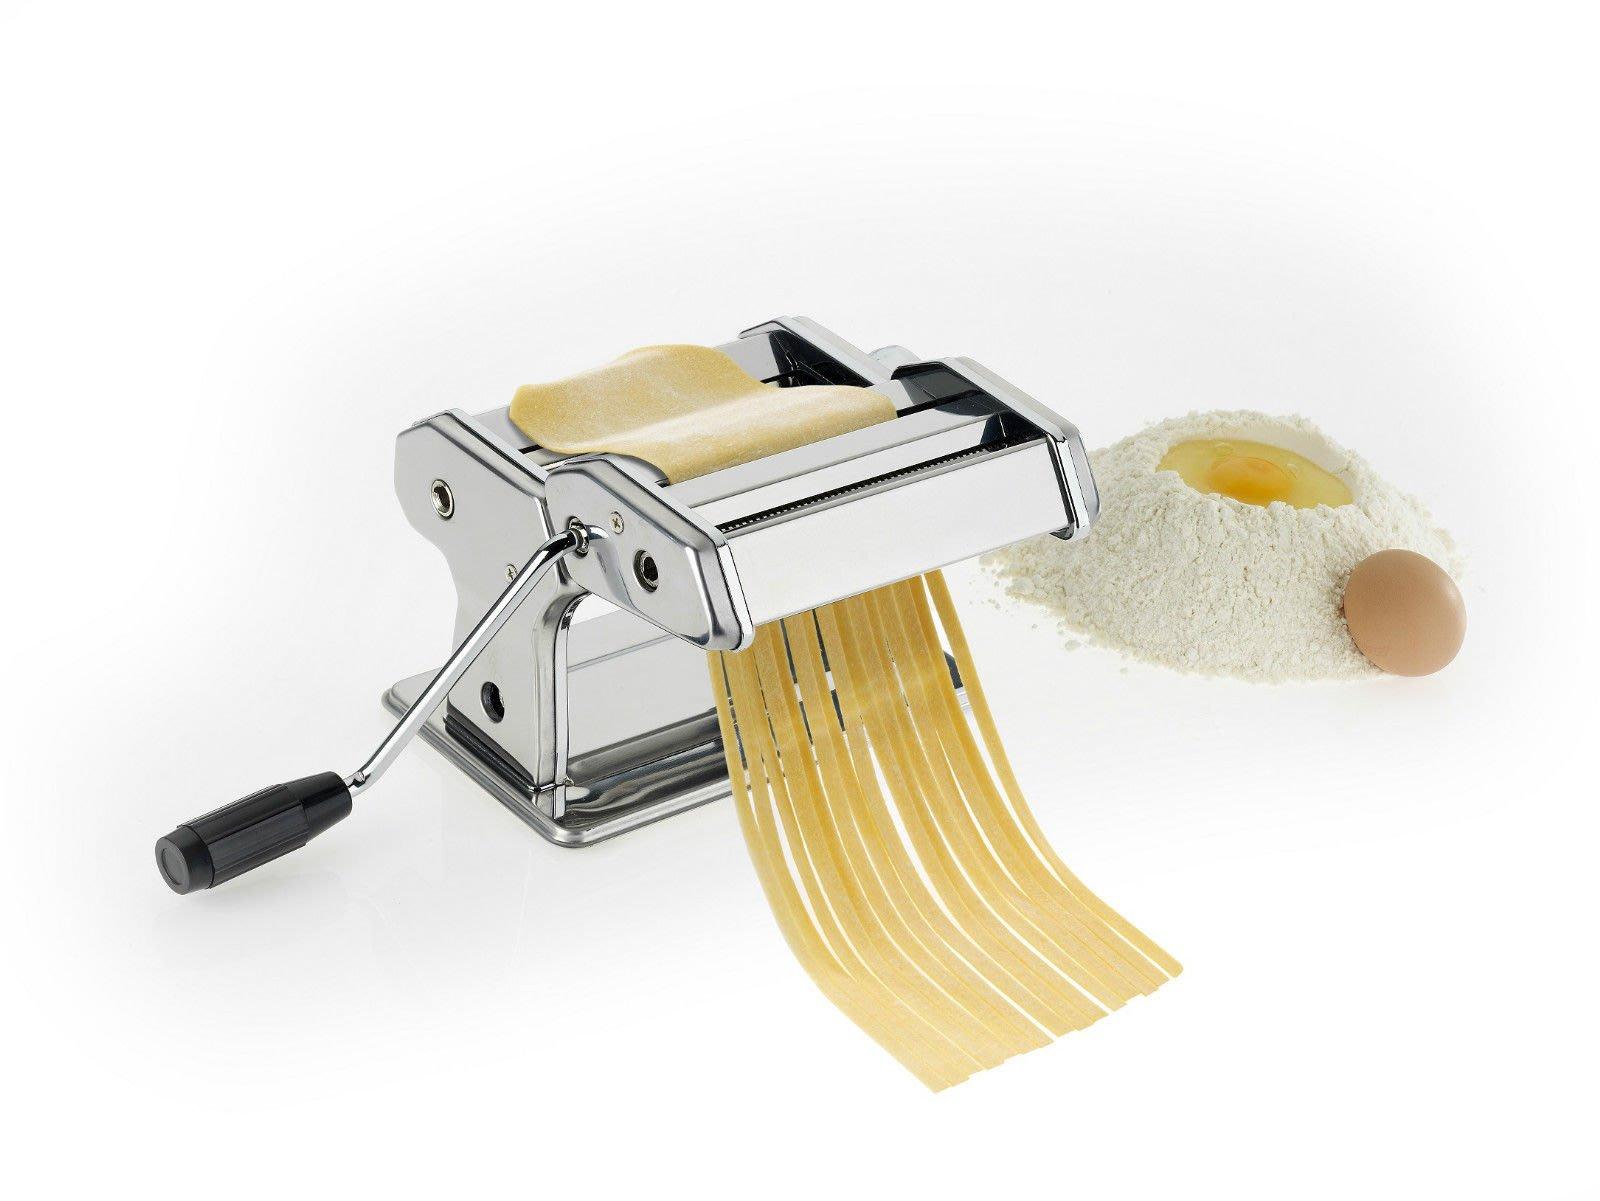 ☆ 德國 WESTMARK 手動 不銹鋼 製麵機 製麵器 ( 麵皮 / 麵條 /水餃皮 ) wmf 參考 義大利